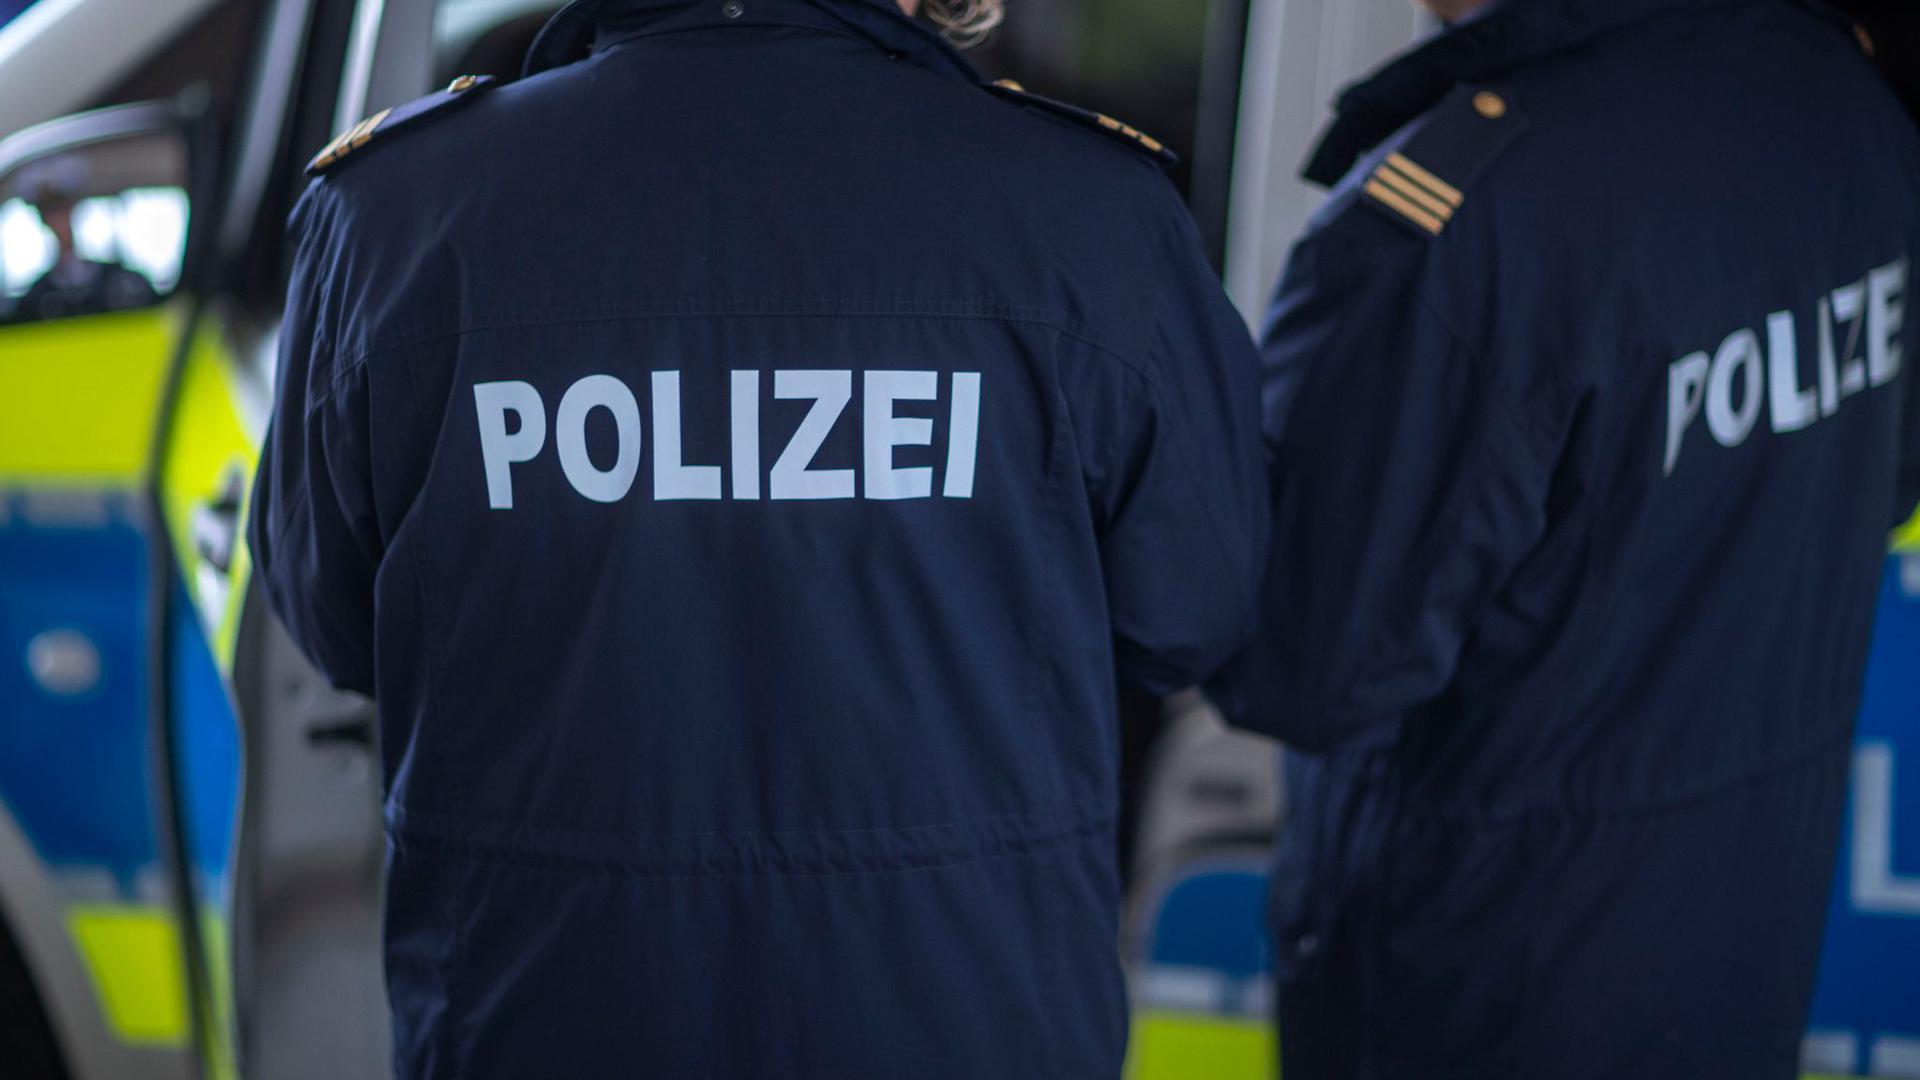 Polizisten stehen vor einem Polizeifahrzeug.